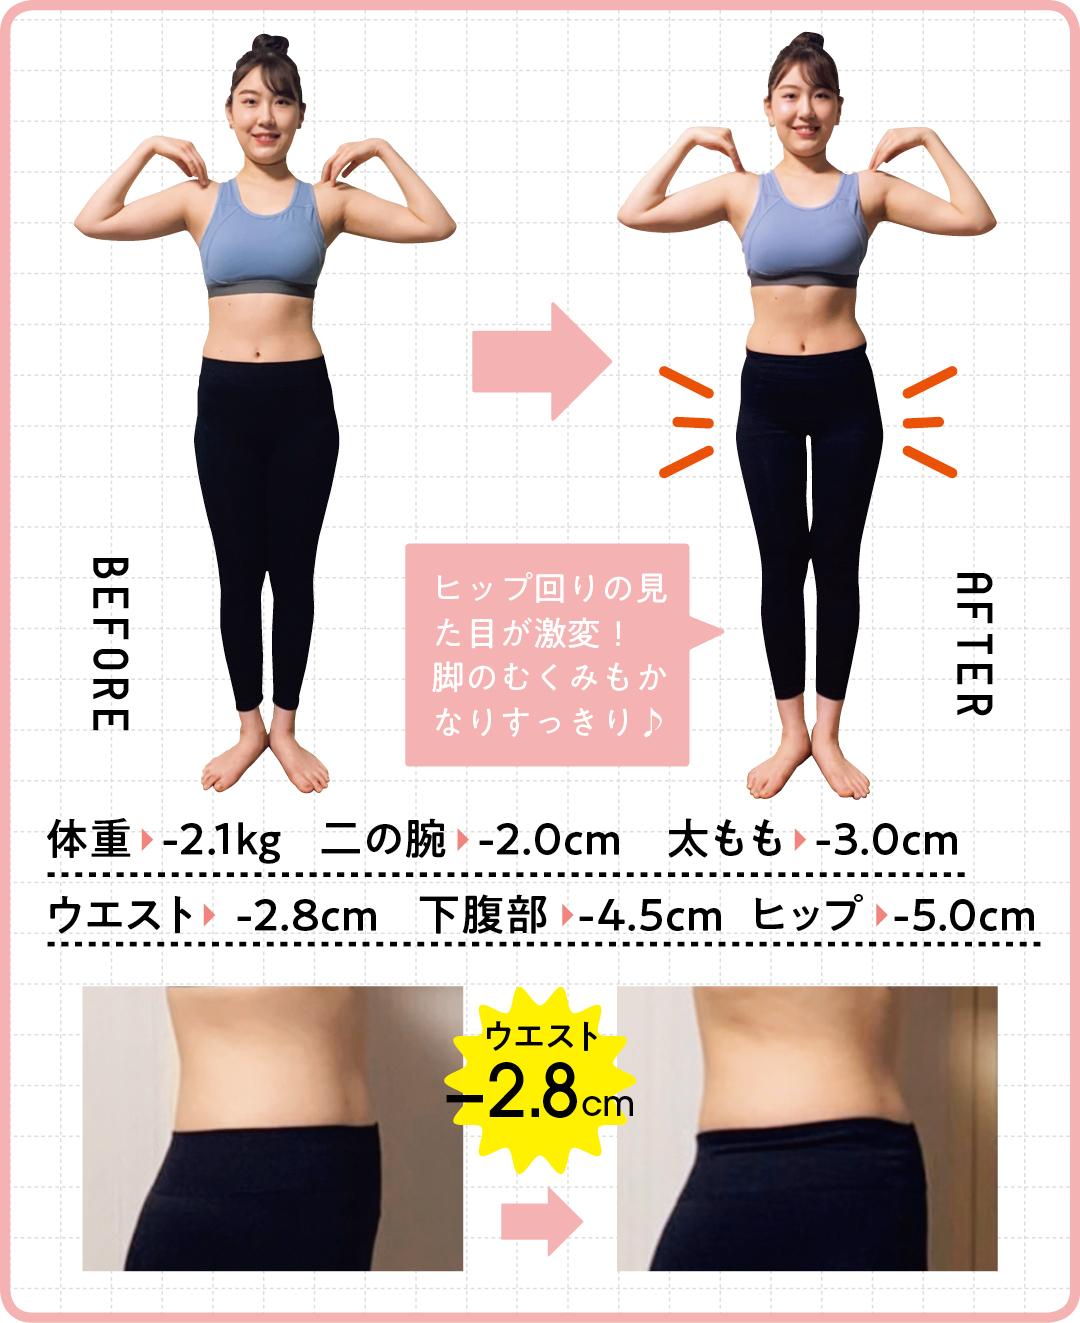 体重   -2.1kg    二の腕   -2.0cm 太もも   -3.0cm ウエスト    -2.8cm  下腹部   -4.5cm ヒップ   -5.0cm